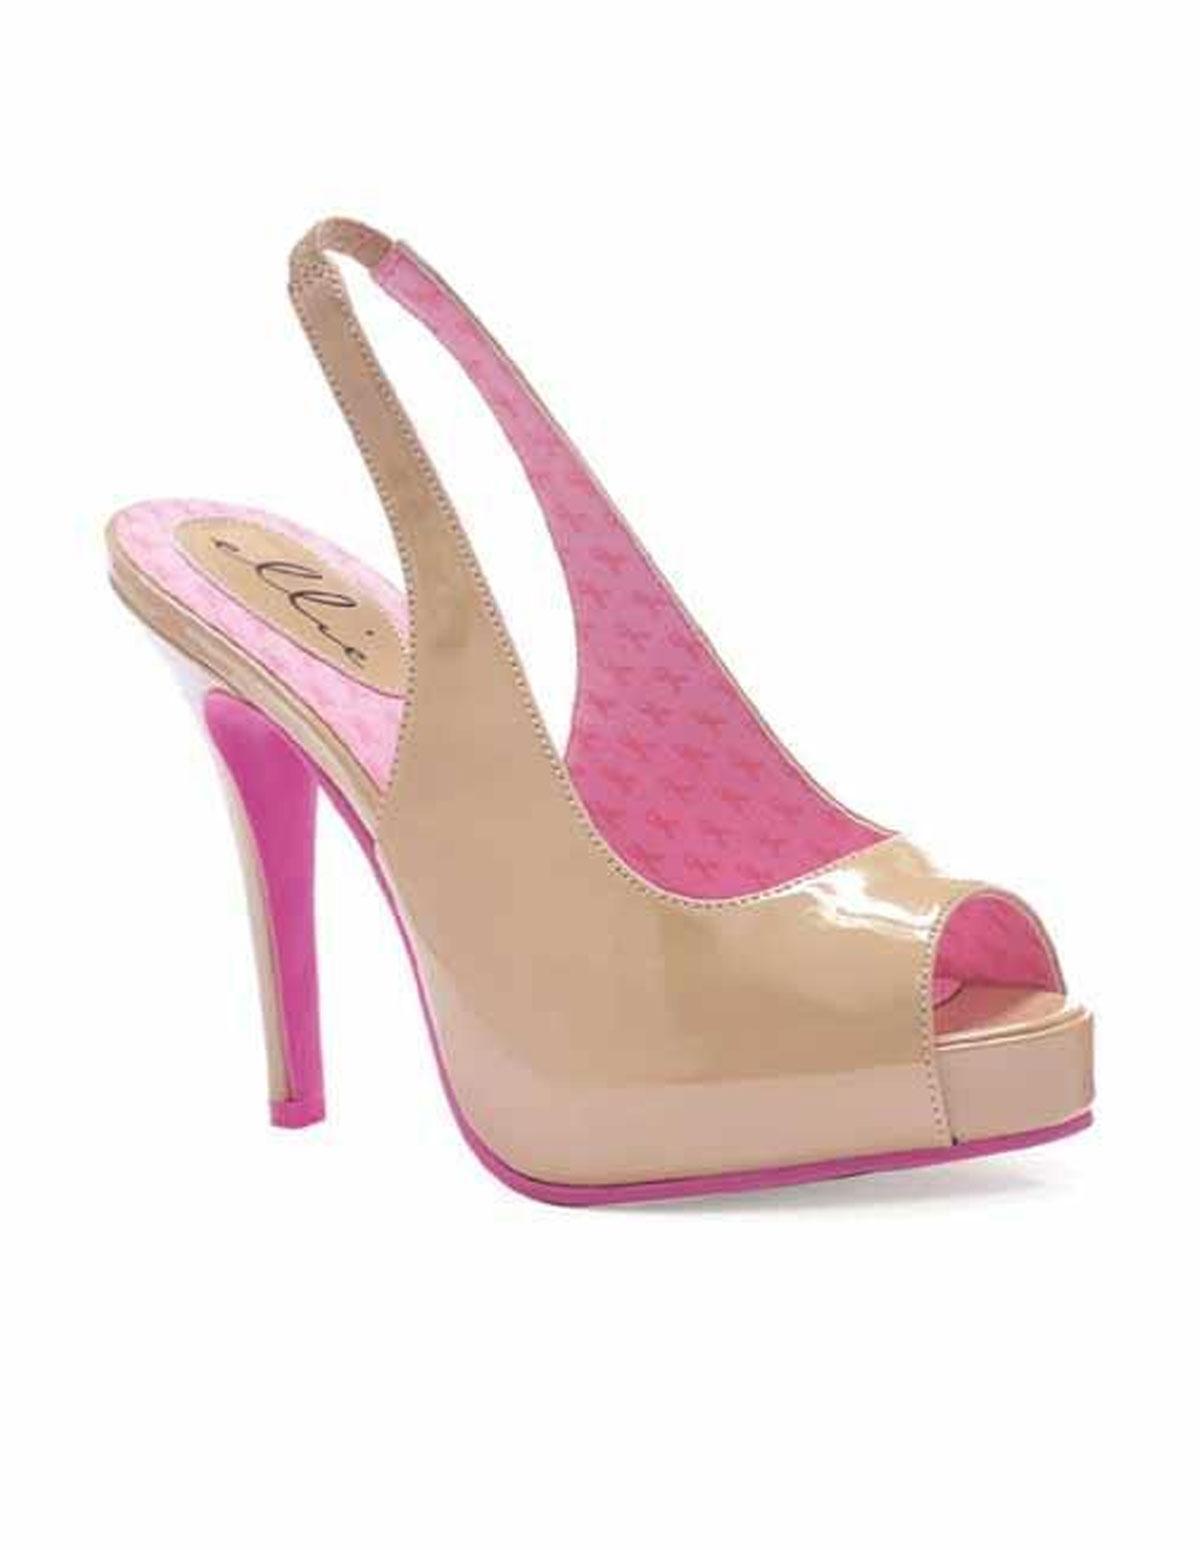 Maryellen Shoe